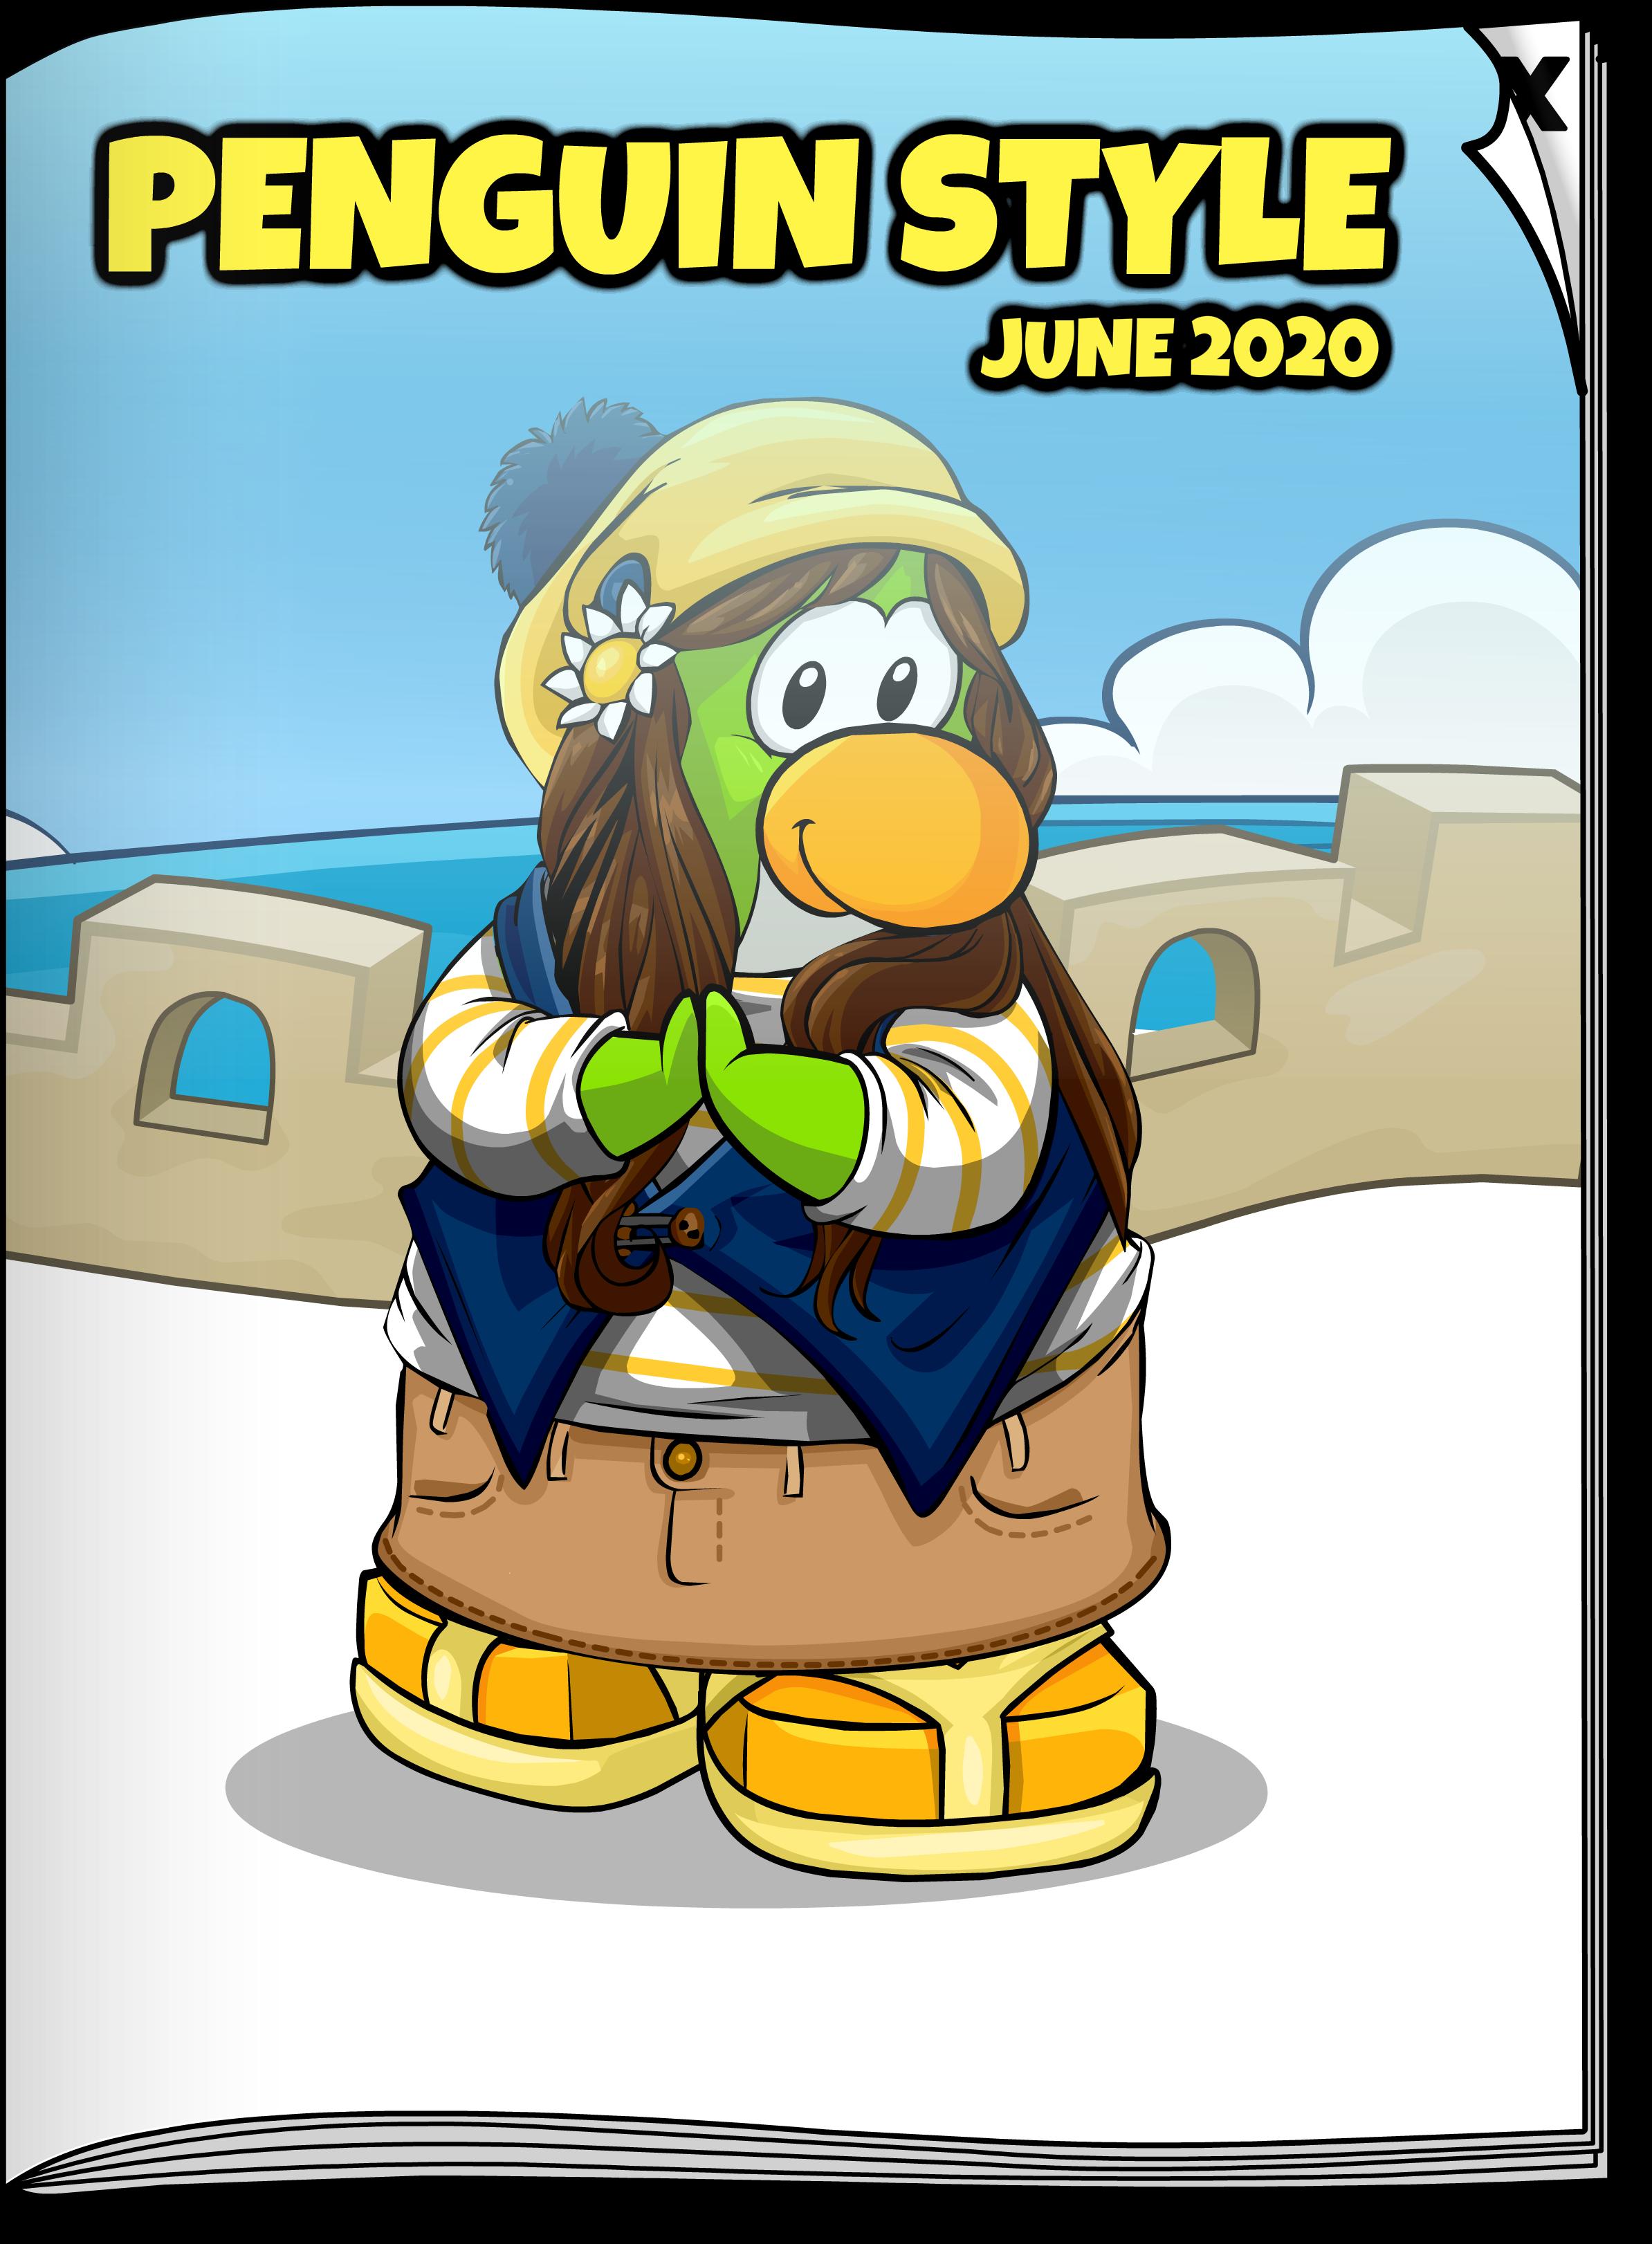 Penguin Style Jun'20